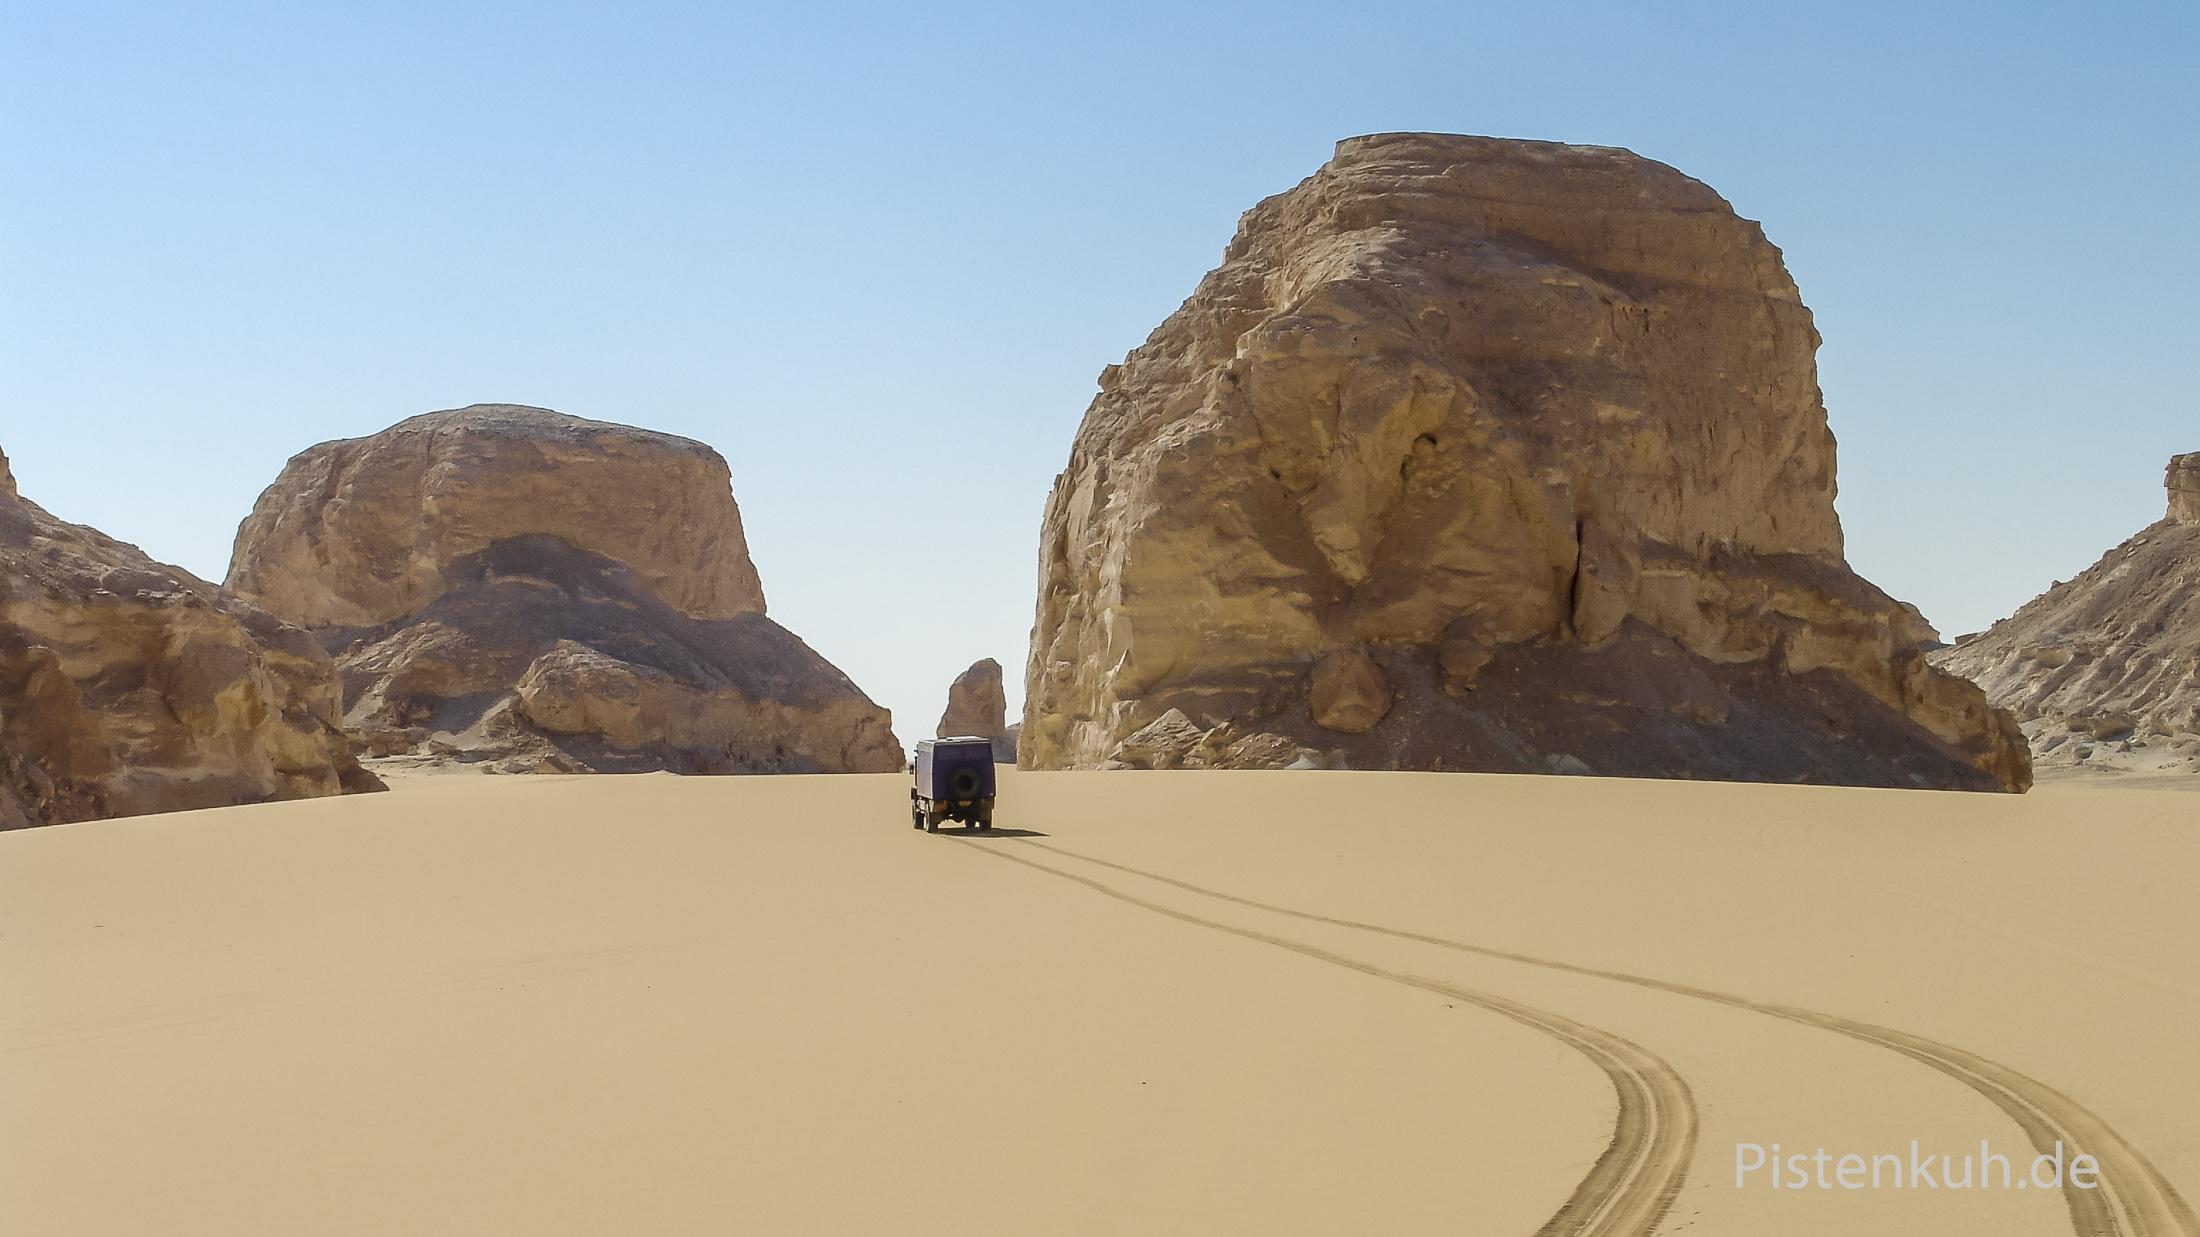 Unverspurter Sand im Gebiet der weißen Wüste